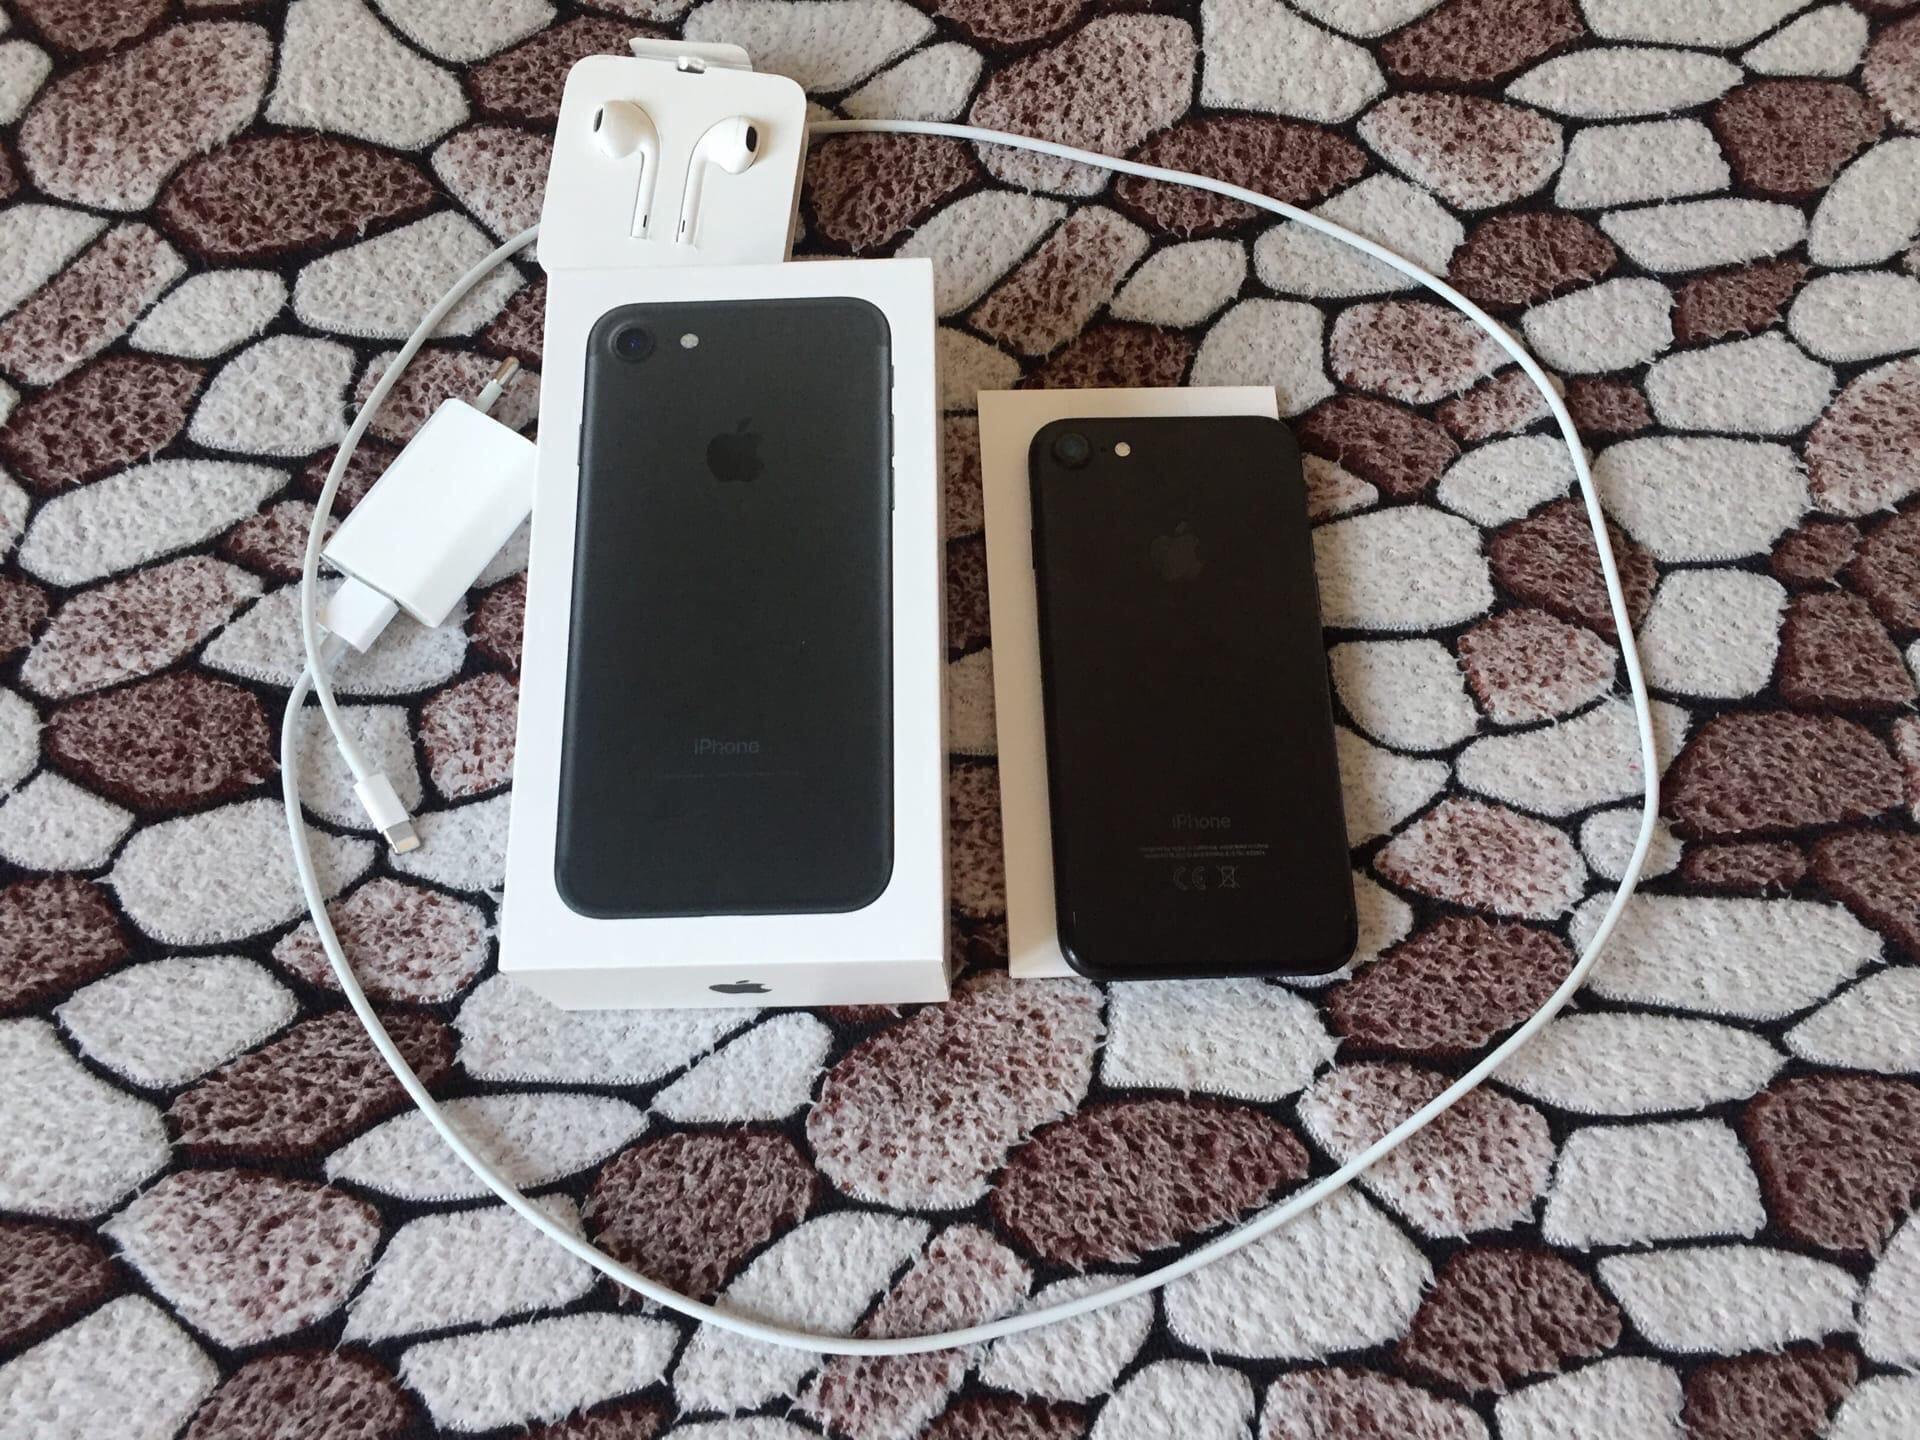 Купить iPhone 7 128gb! Куплен 10.08.2019. Чек   Объявления Орска и Новотроицка №2355